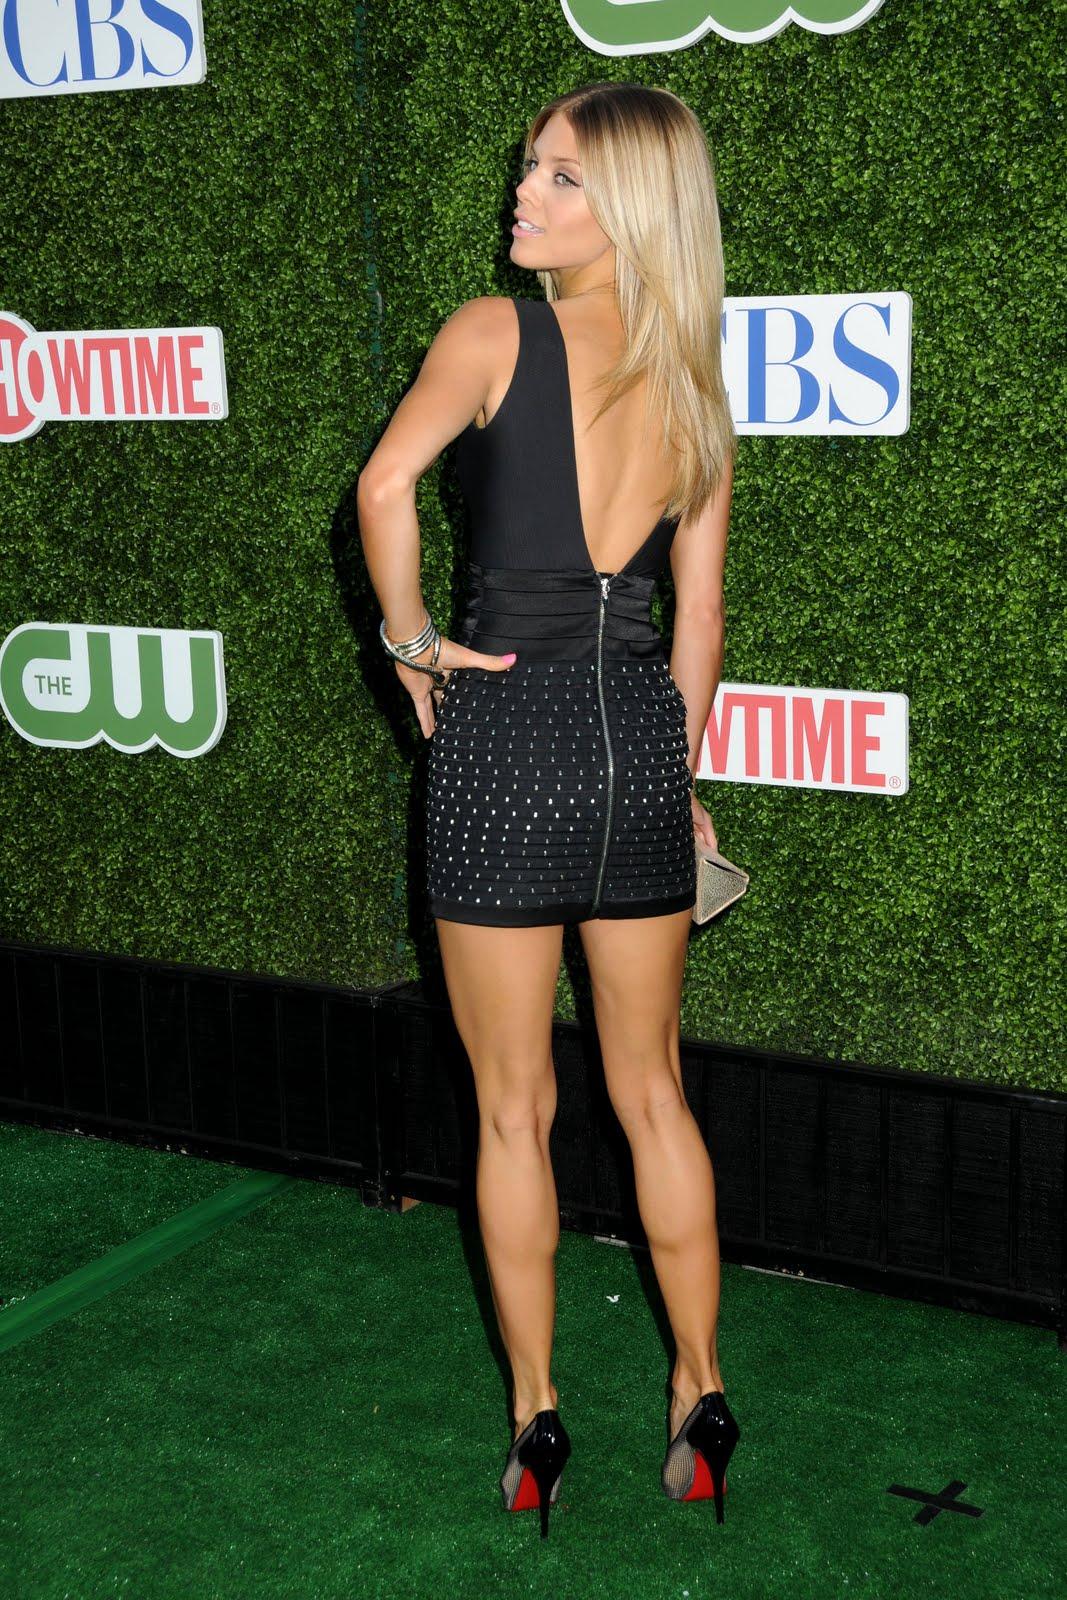 http://3.bp.blogspot.com/_8-fdcmHQIgk/TFIVsryIA6I/AAAAAAAACu8/iap7lhePPwk/s1600/AnnaLynneMcCord_Bikini-HQ%252B(35).jpg